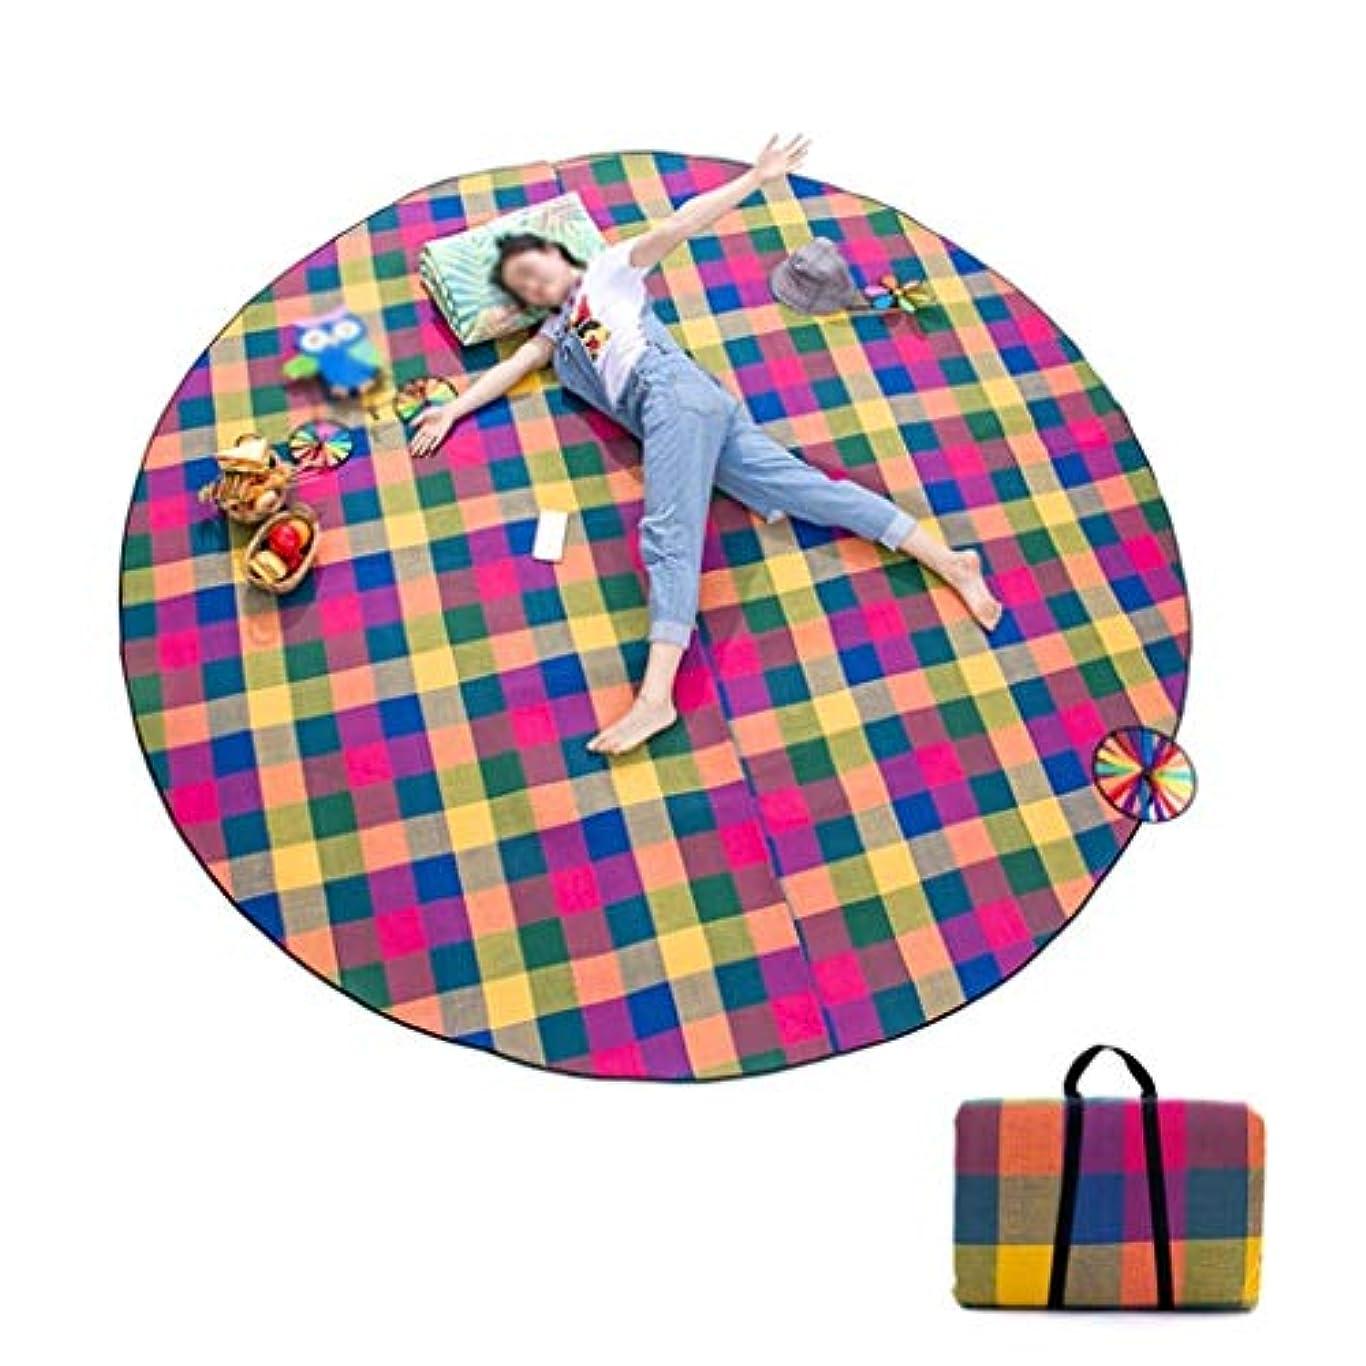 子豚かもしれない助けになるピクニック毛布、軽くてコンパクトなピクニック旅行毛布赤ちゃんクロールマットビーチカーペットA (設計 : B)